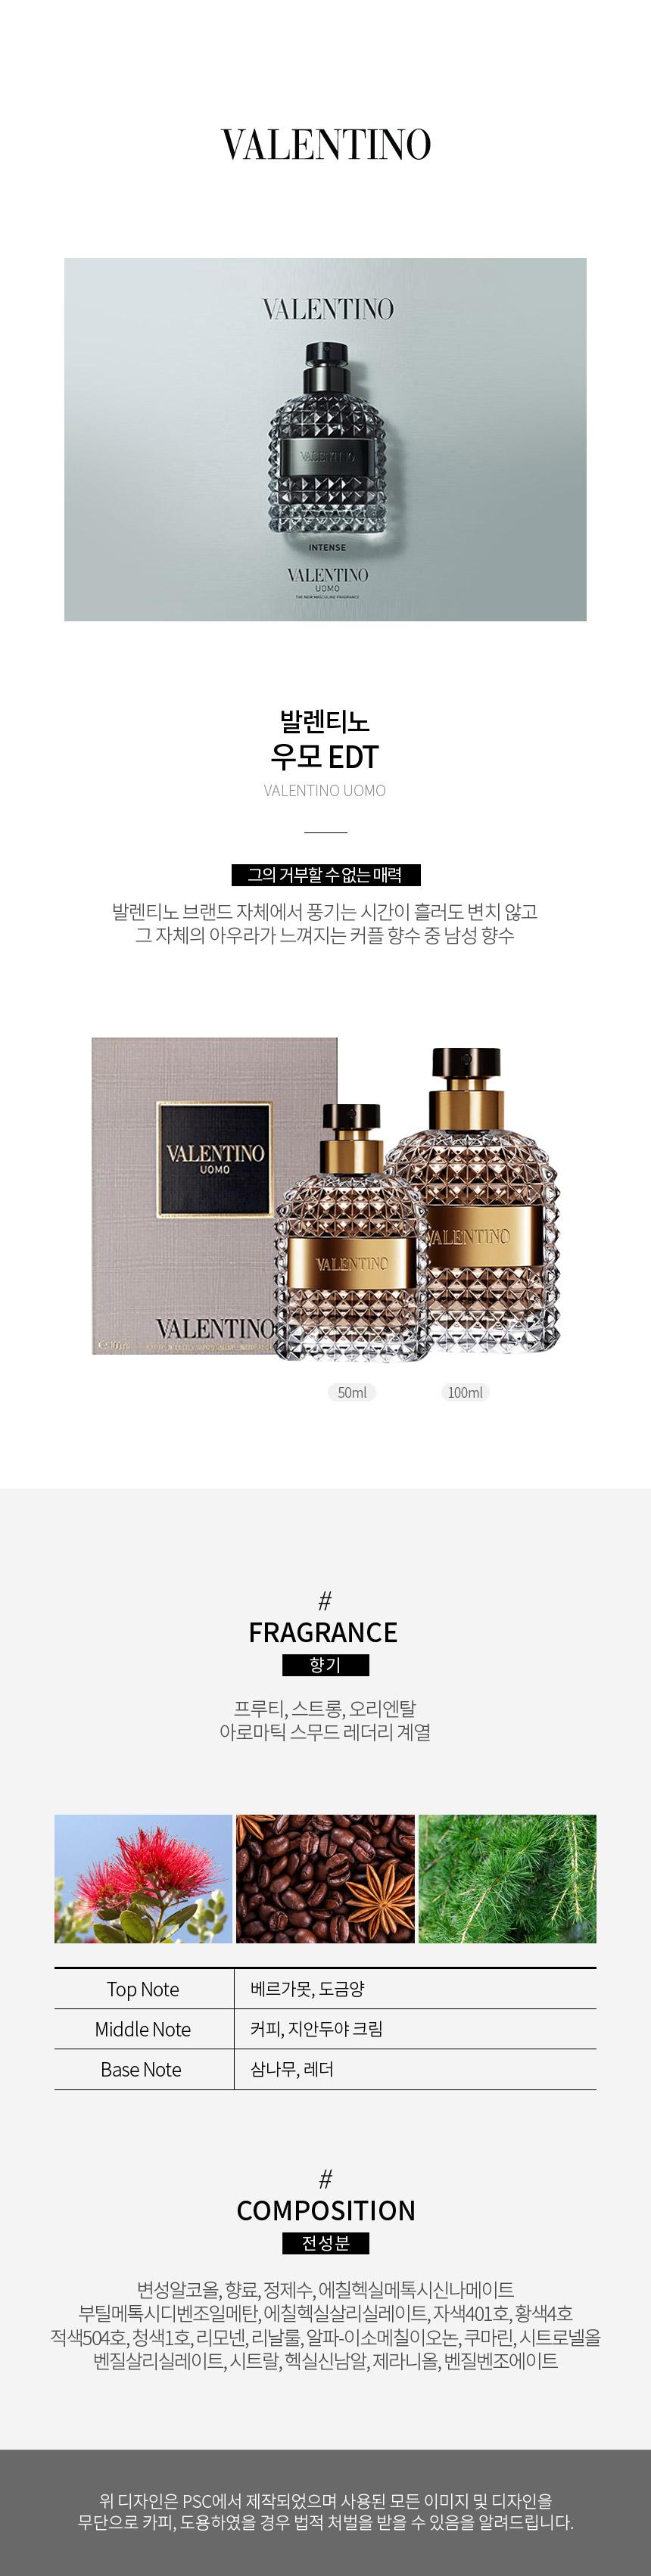 Valentino_Uomo_page.jpg